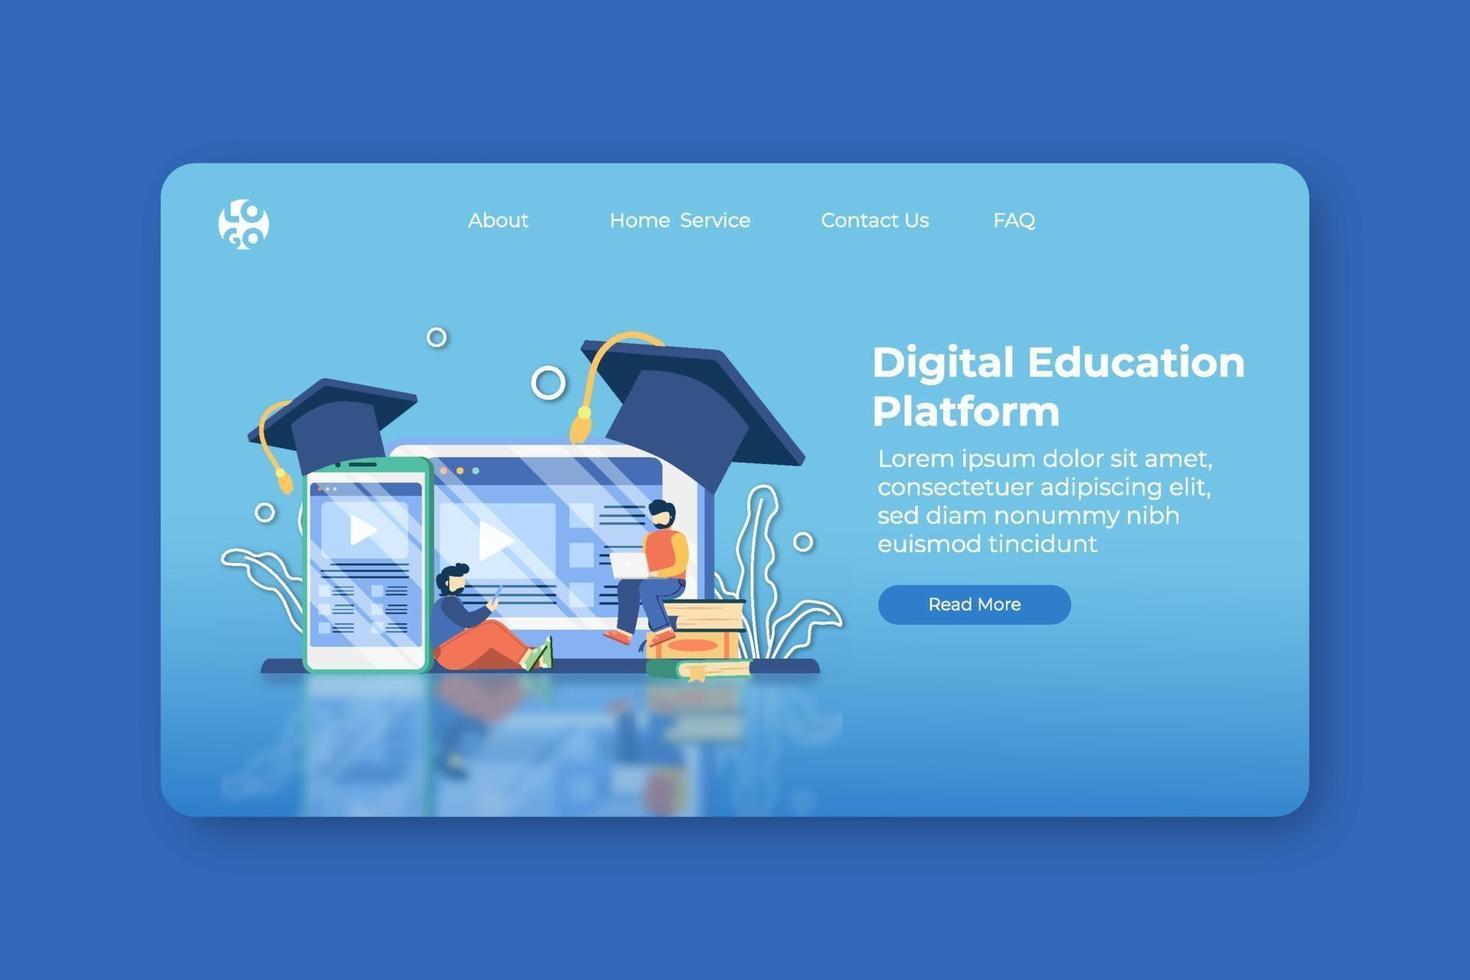 Modern Flat Design Vector Illustration Digital Education Platform Landing Page and Web Banner Template. Digital Education, E-Learning, Online Education, Tutorial Video, Online Teaching, Online class.